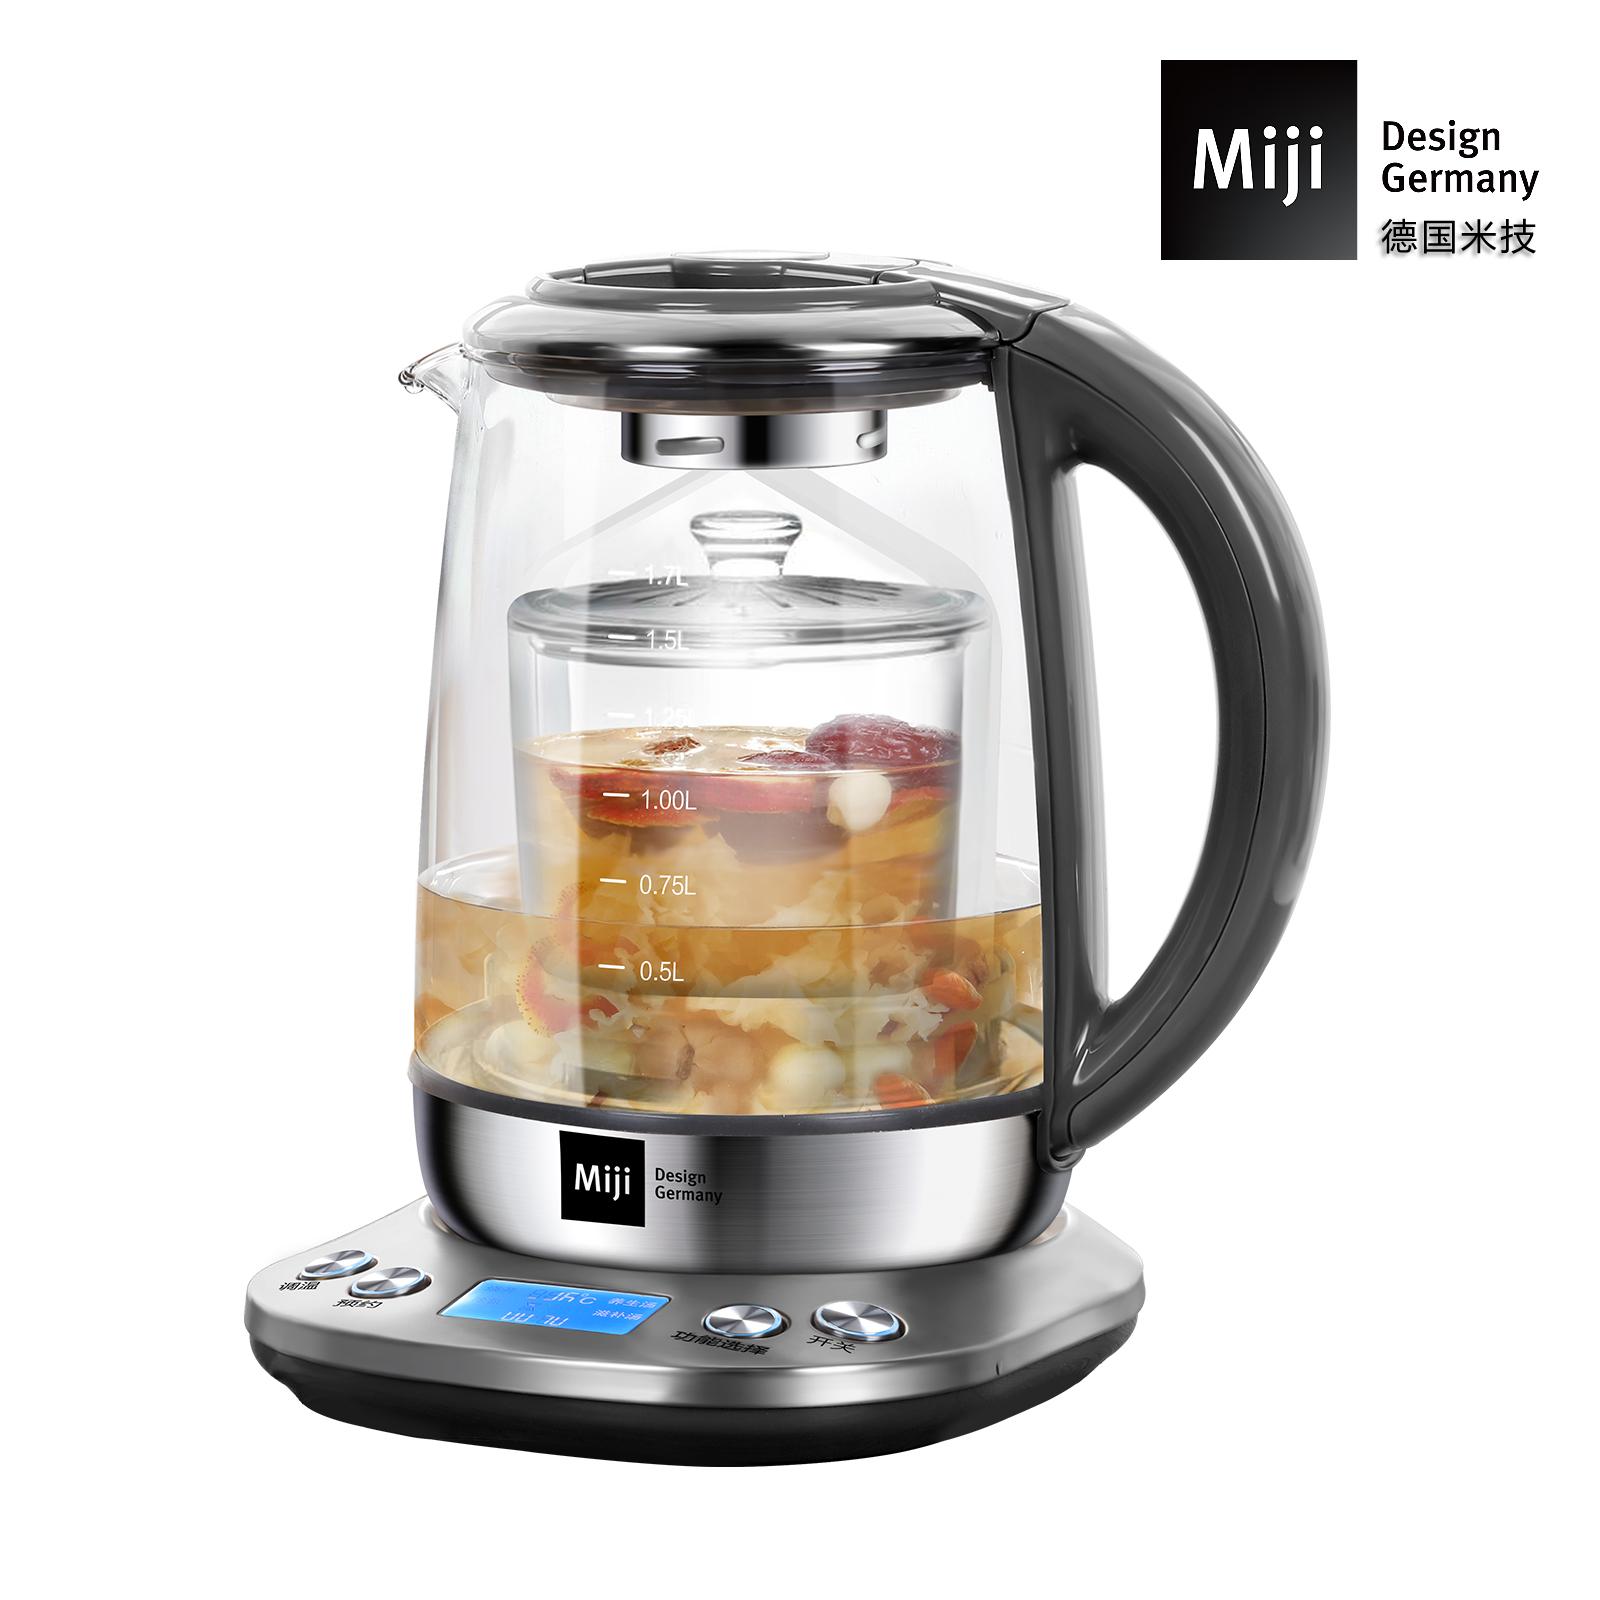 MIJI米技米技多功能家用养生壶玻璃电煮茶壶HP-01